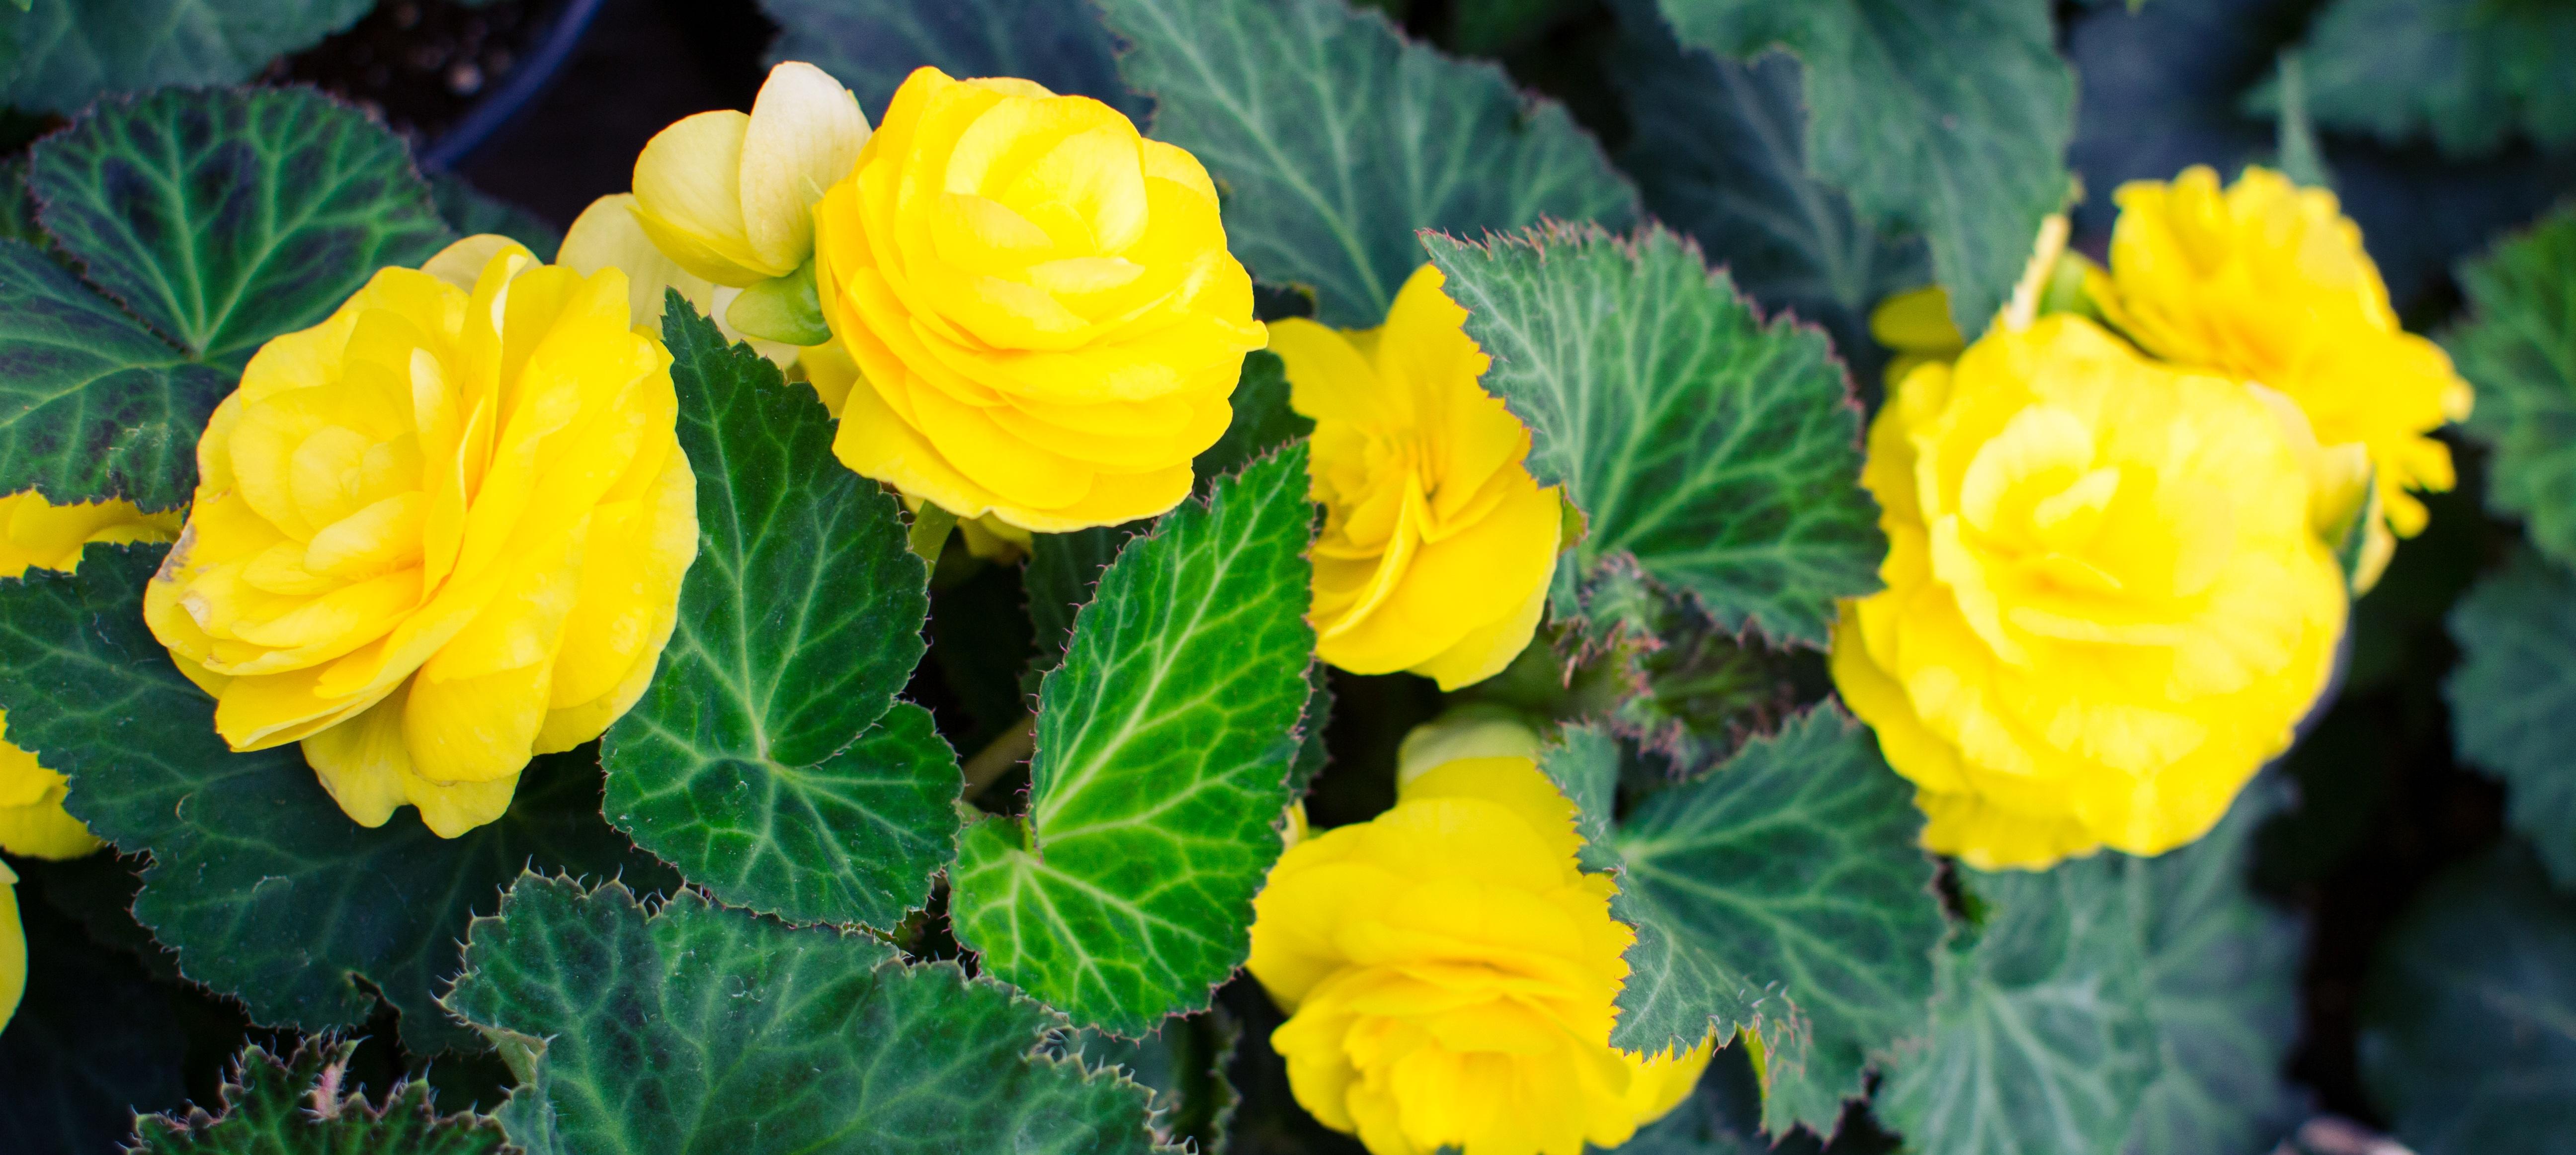 flowers-0016.jpg